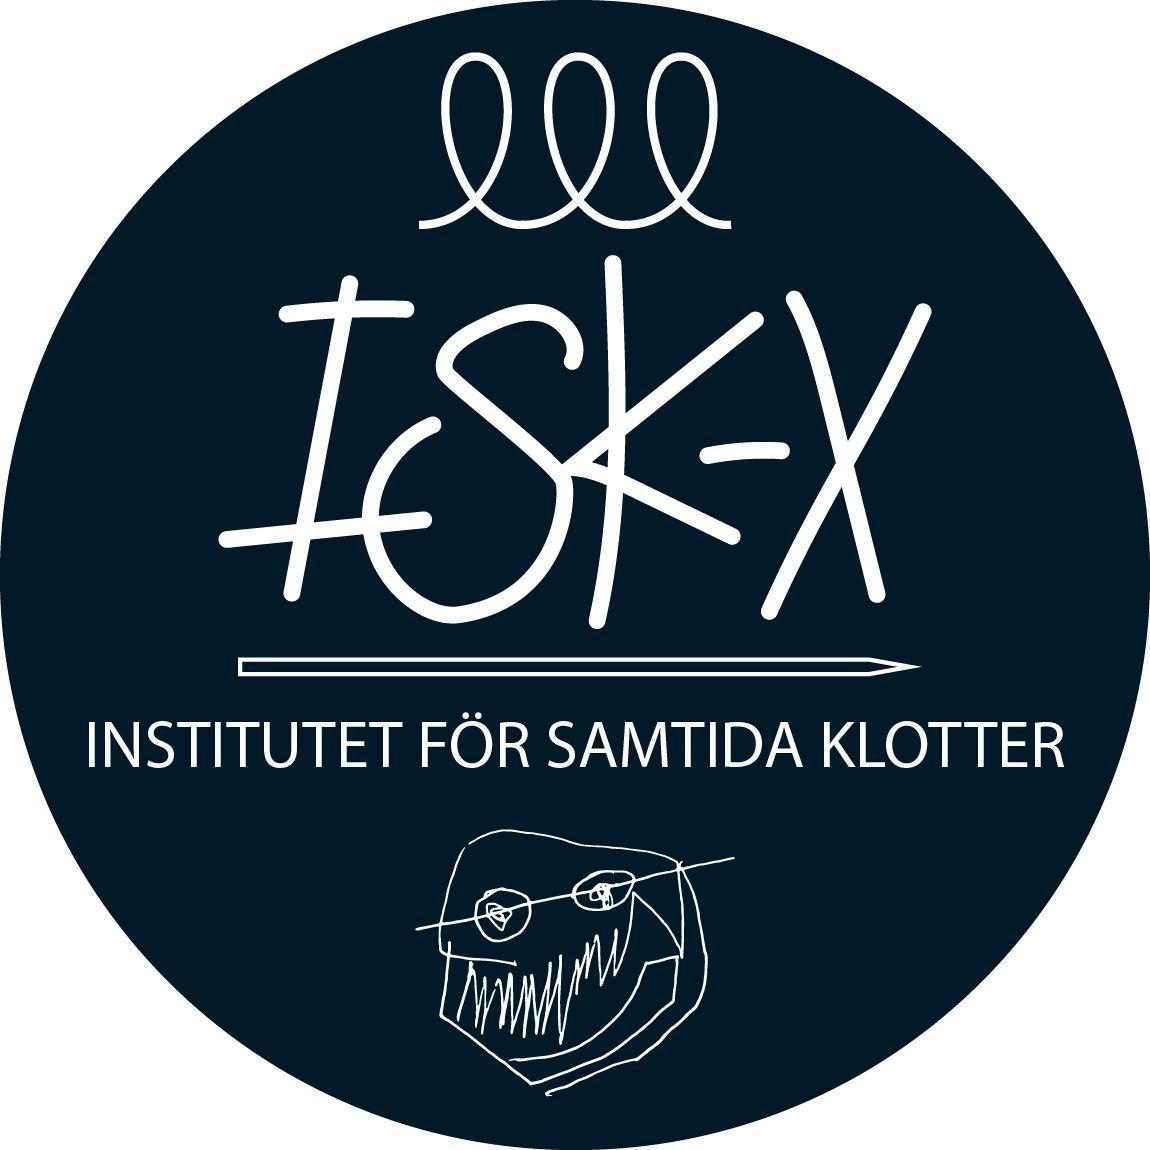 ISK-X : Öppet hus hos Institutet för Samtida klotter, på Kungen!